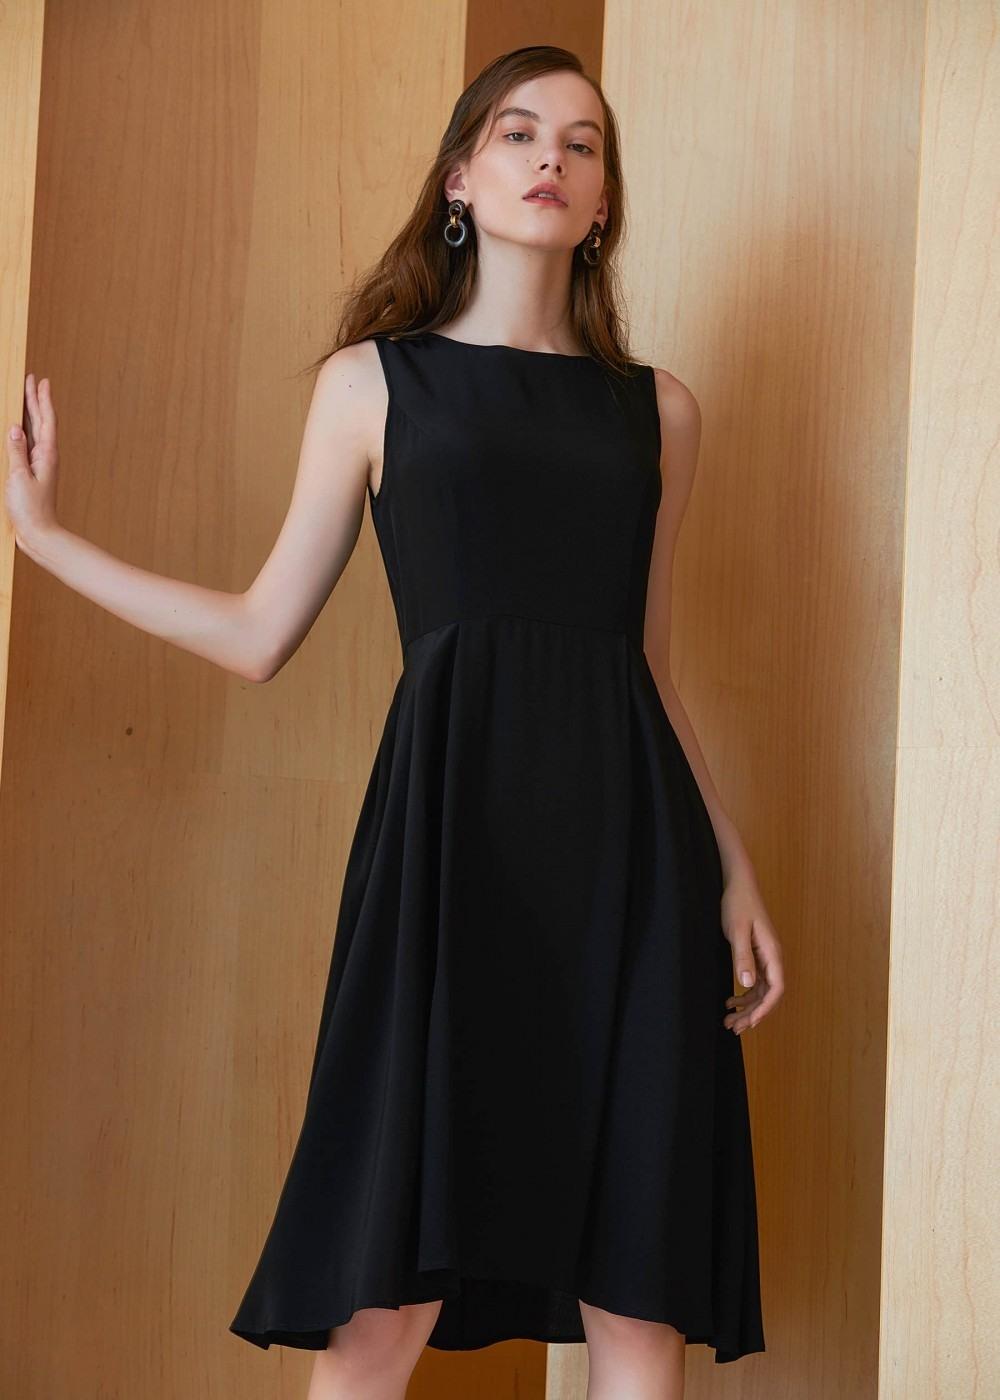 Abend Leicht Kleid Schwarz Spezialgebiet15 Wunderbar Kleid Schwarz Bester Preis